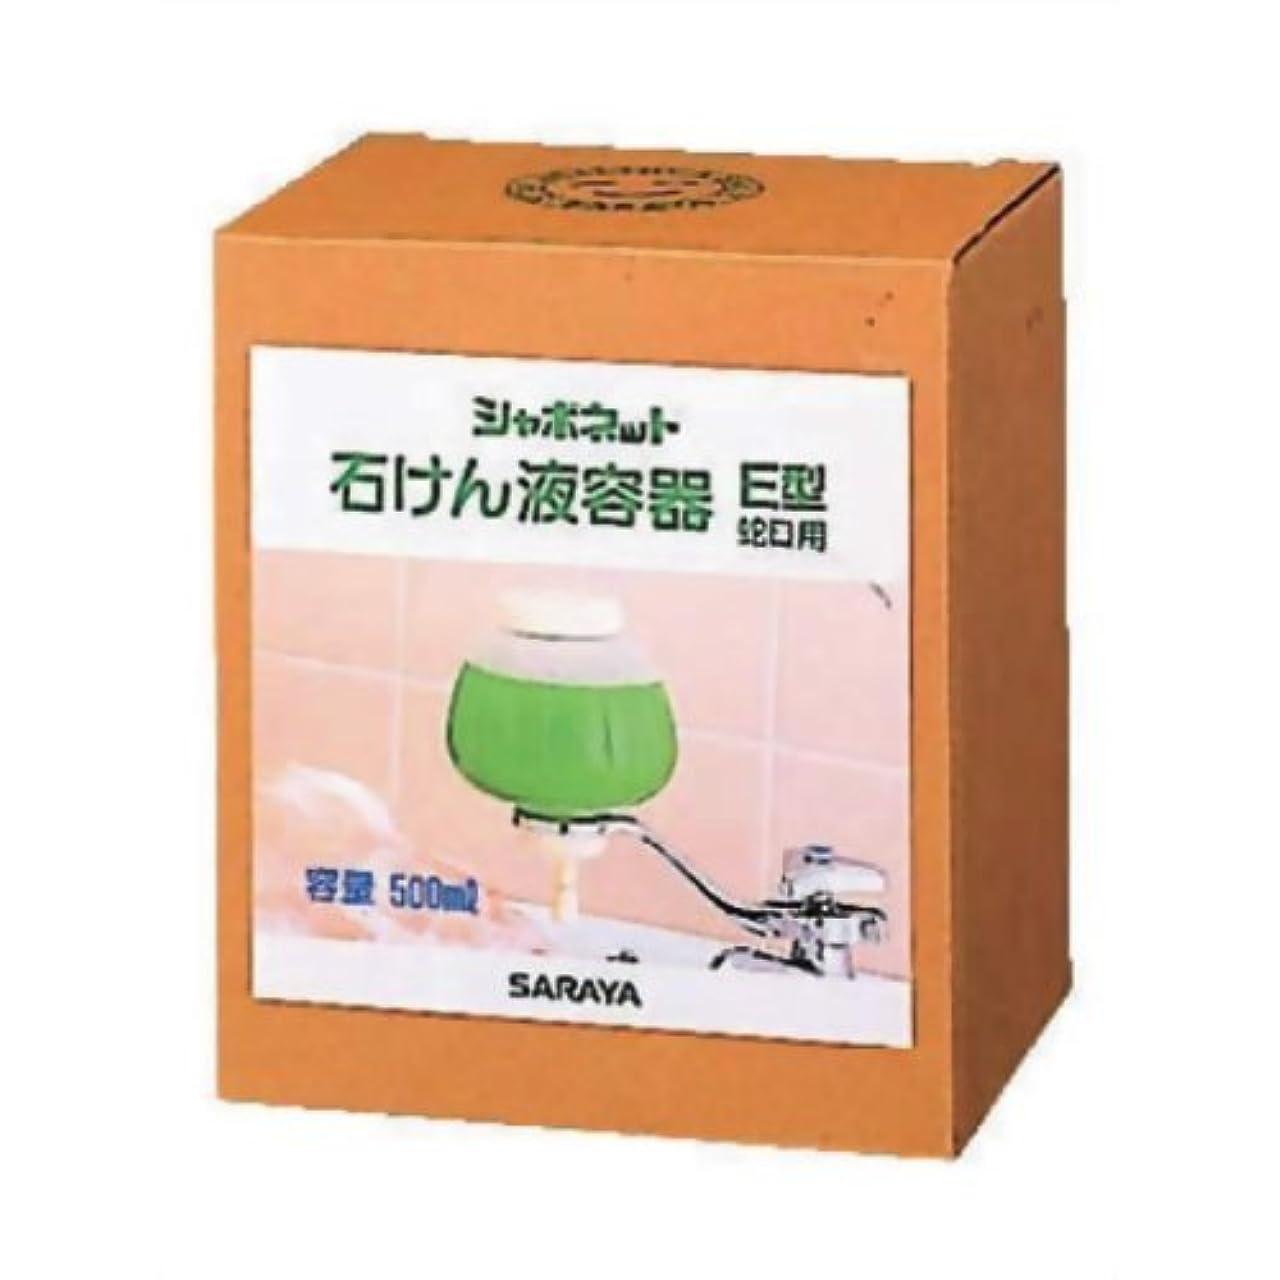 シャボネット石鹸液容器 500mLE型蛇口用 21450/63828559 サラヤ